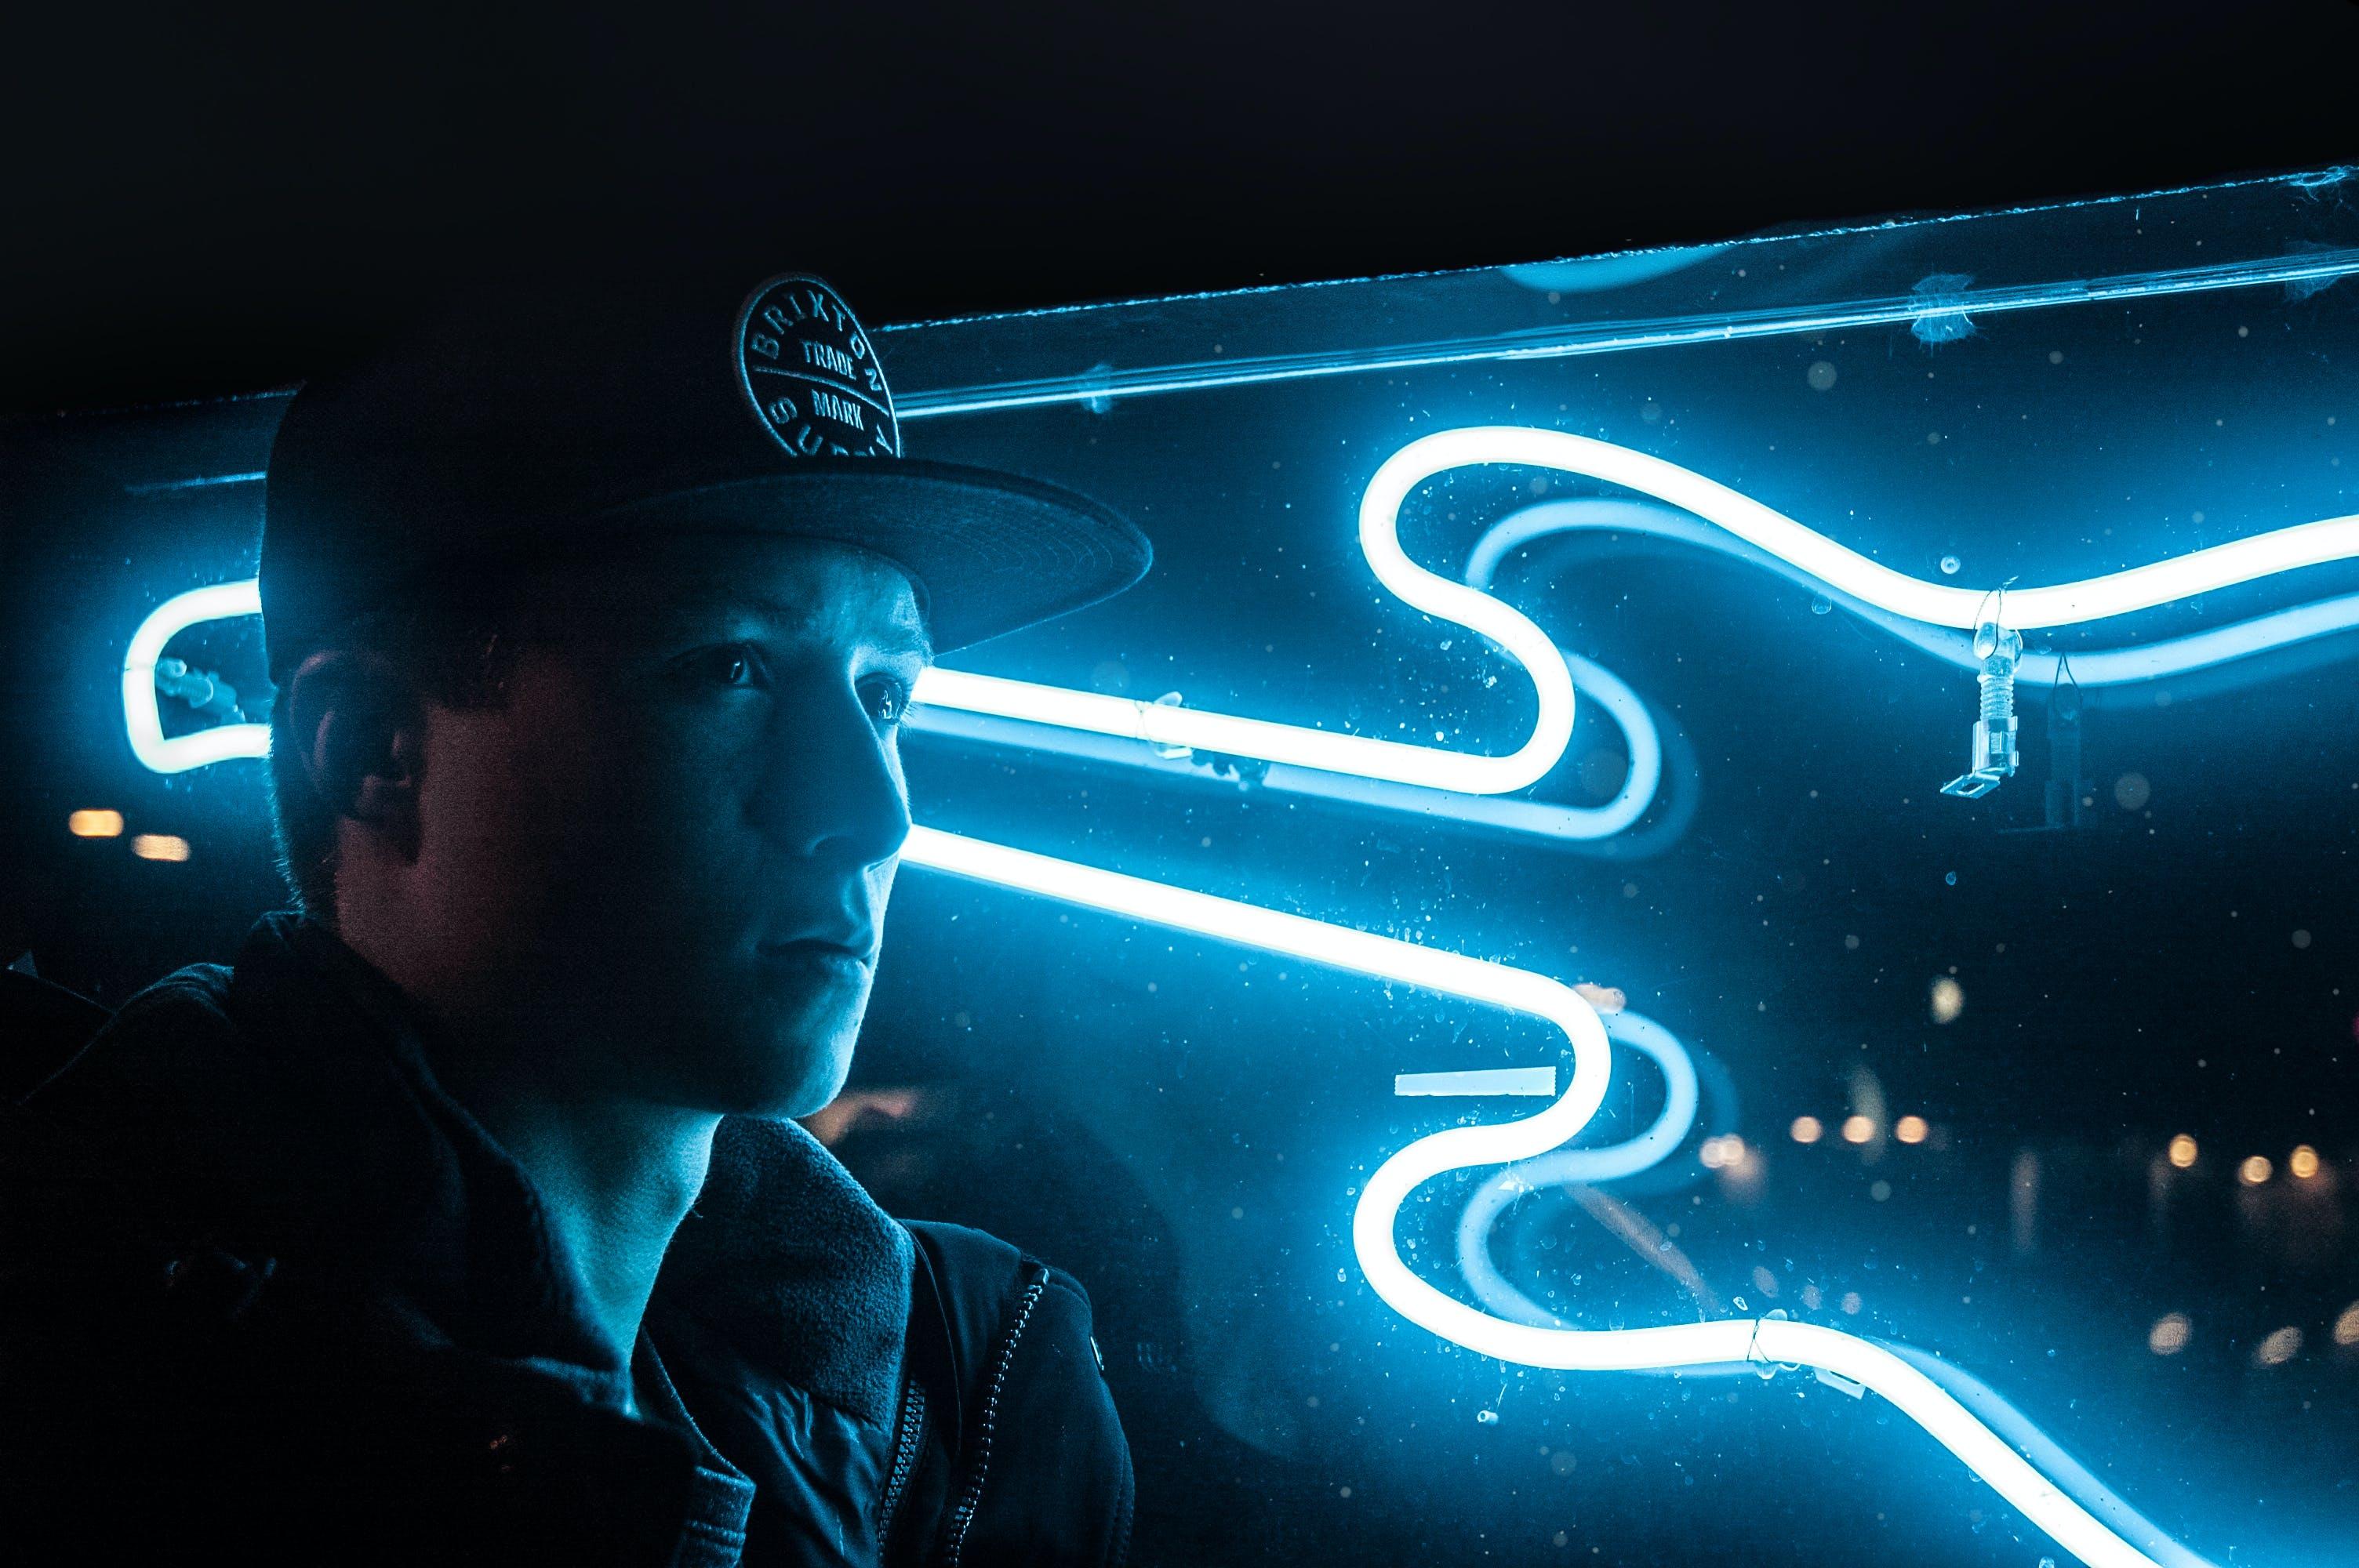 Man In Black Jacket Beside Blue Neon Light Guitar